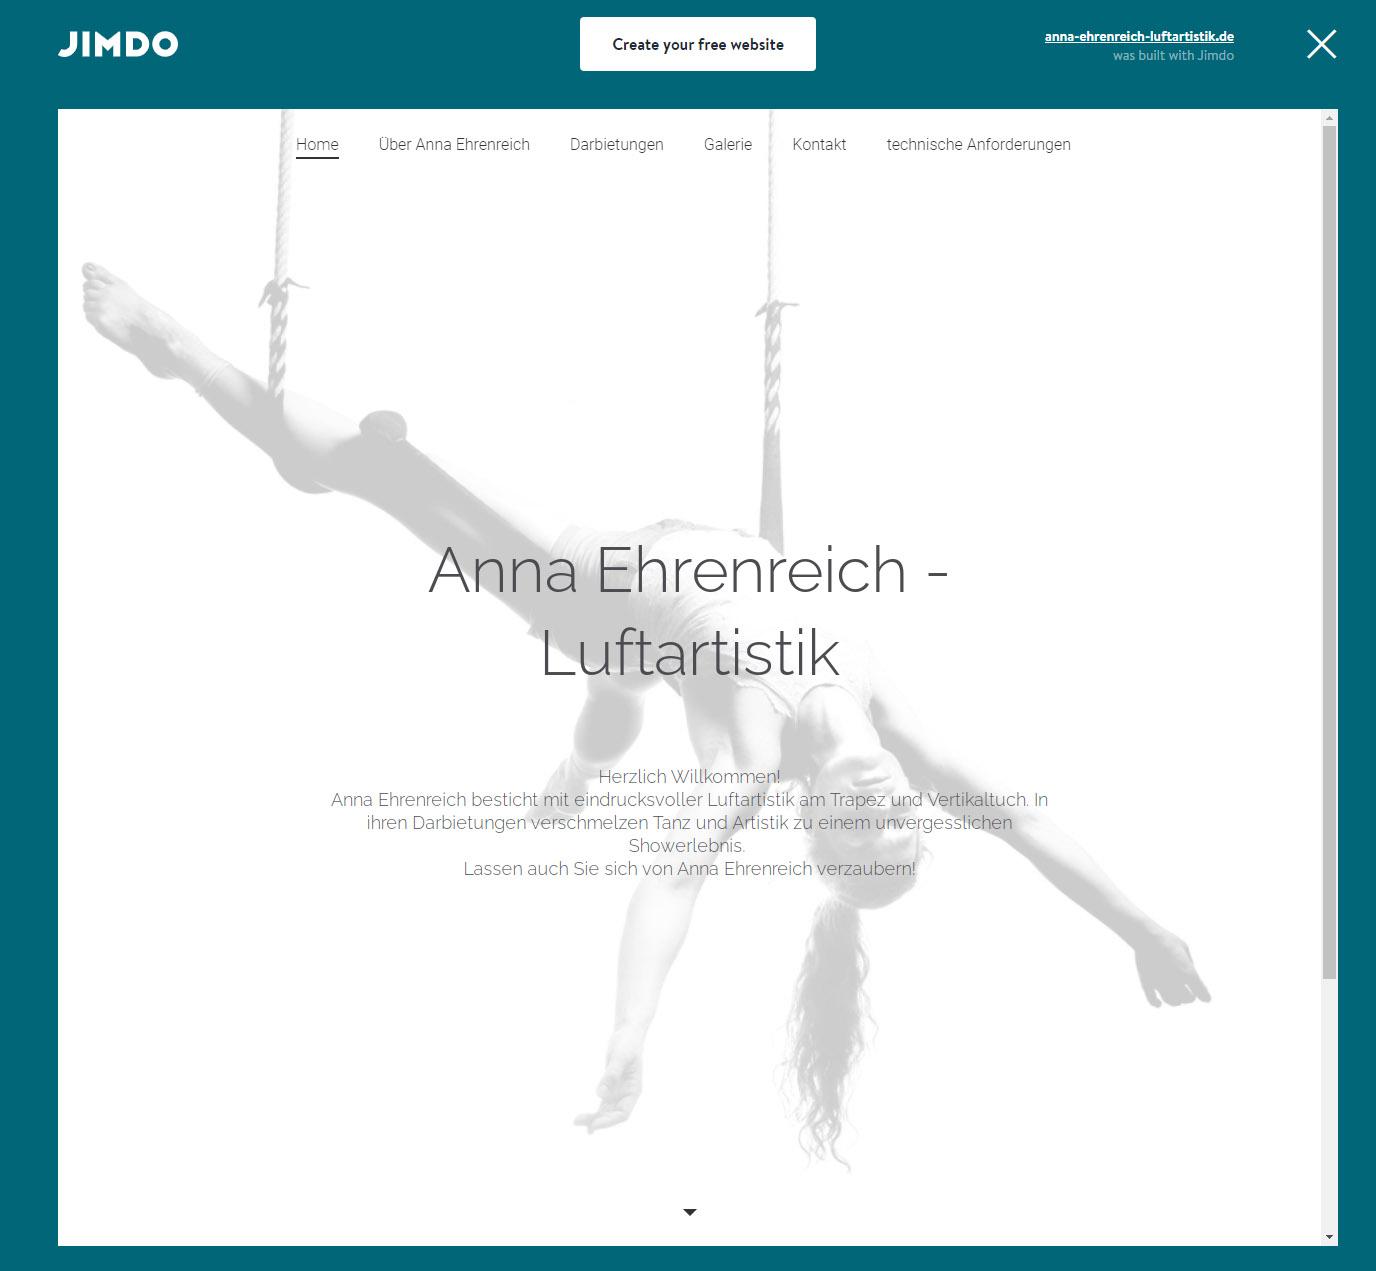 Anna Ehrenreich homepage